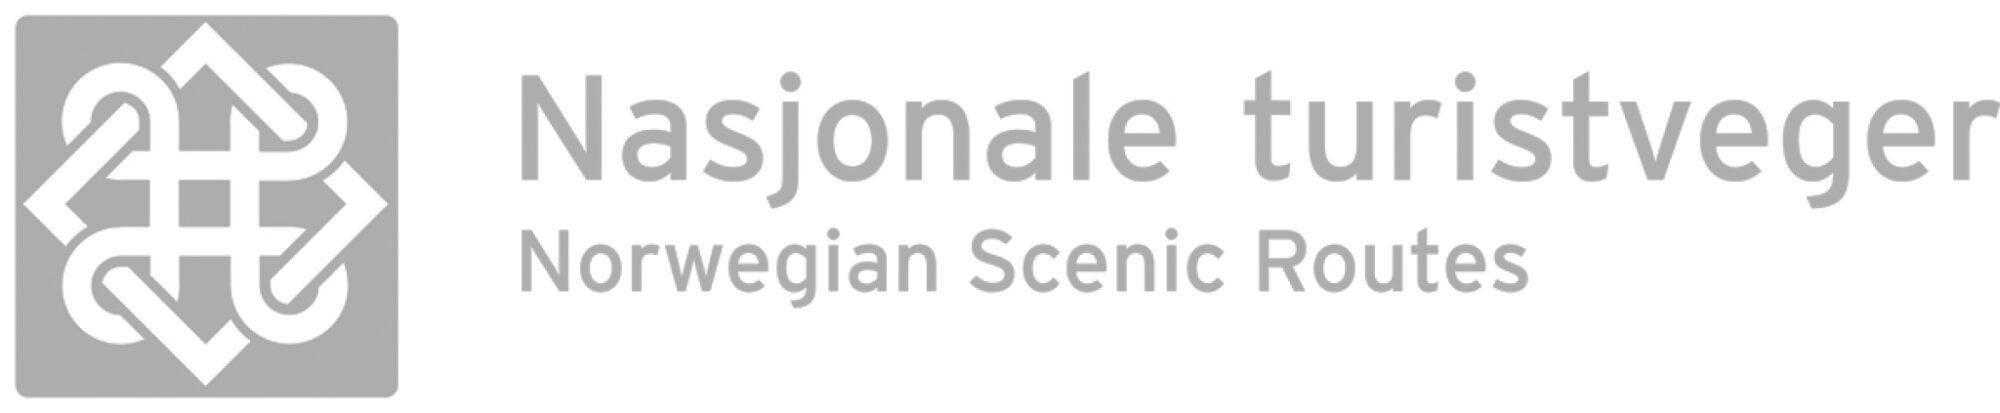 Logo Nasjonale turisveger